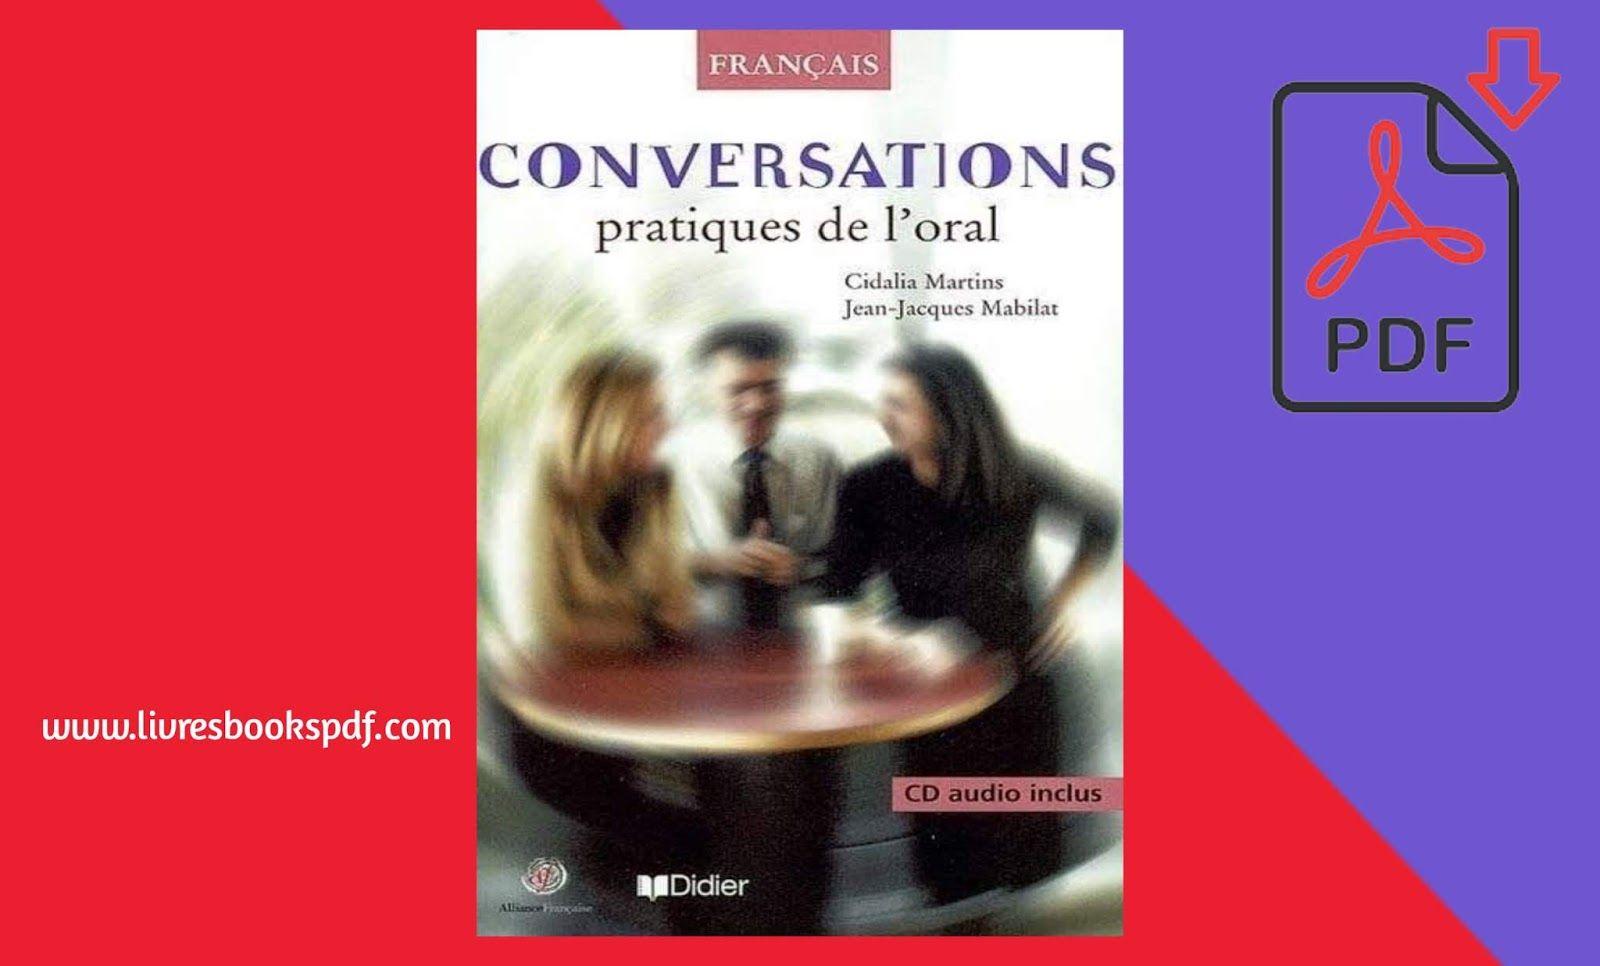 Telecharger Conversations Francais Pratiques De L Oral Pdf Gratuit Https Ift Tt 31k5eci In 2020 Alcoholic Drinks Red Wine Alcohol